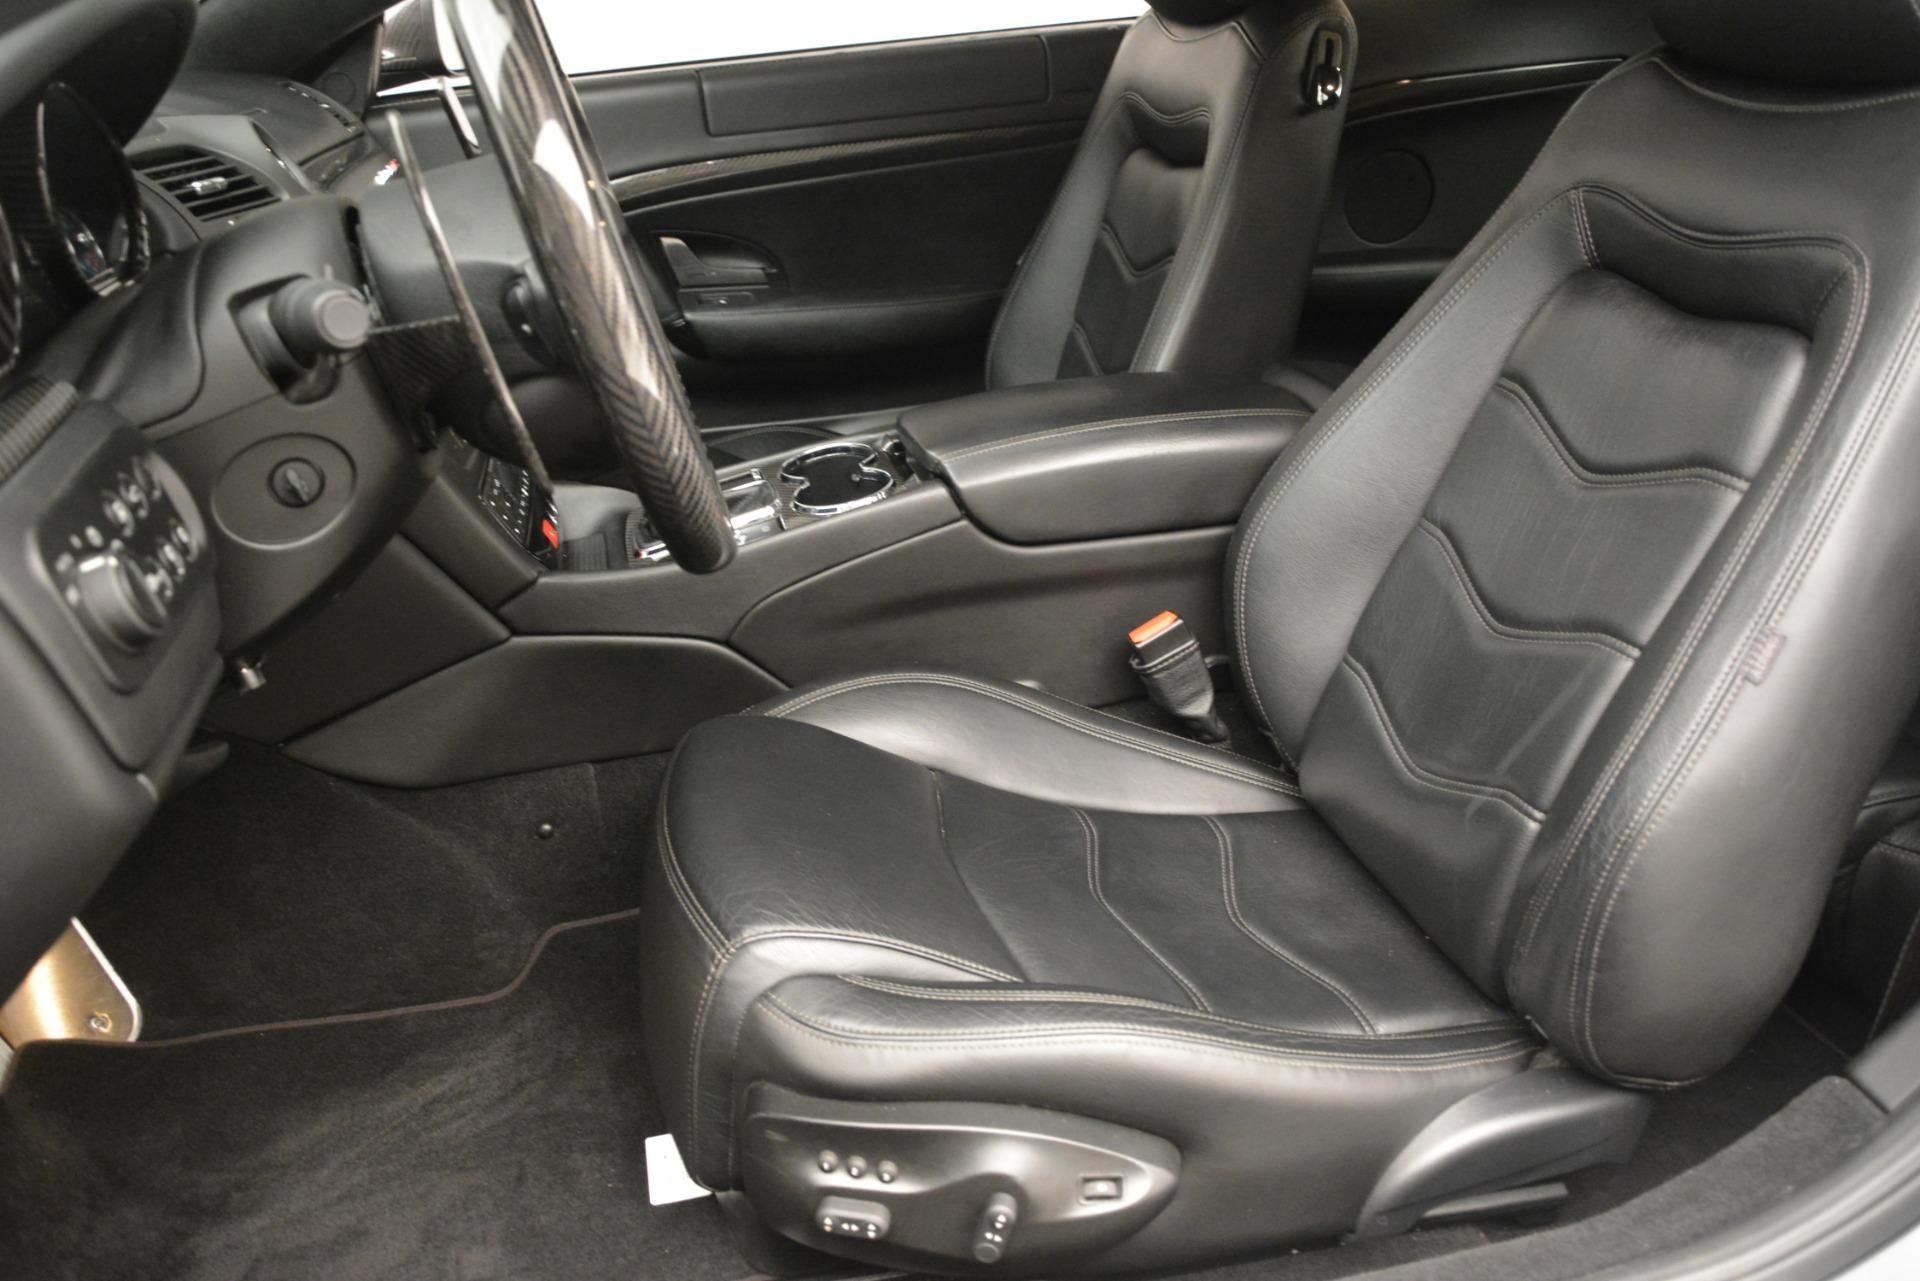 Used 2012 Maserati GranTurismo MC For Sale In Greenwich, CT 1284_p15